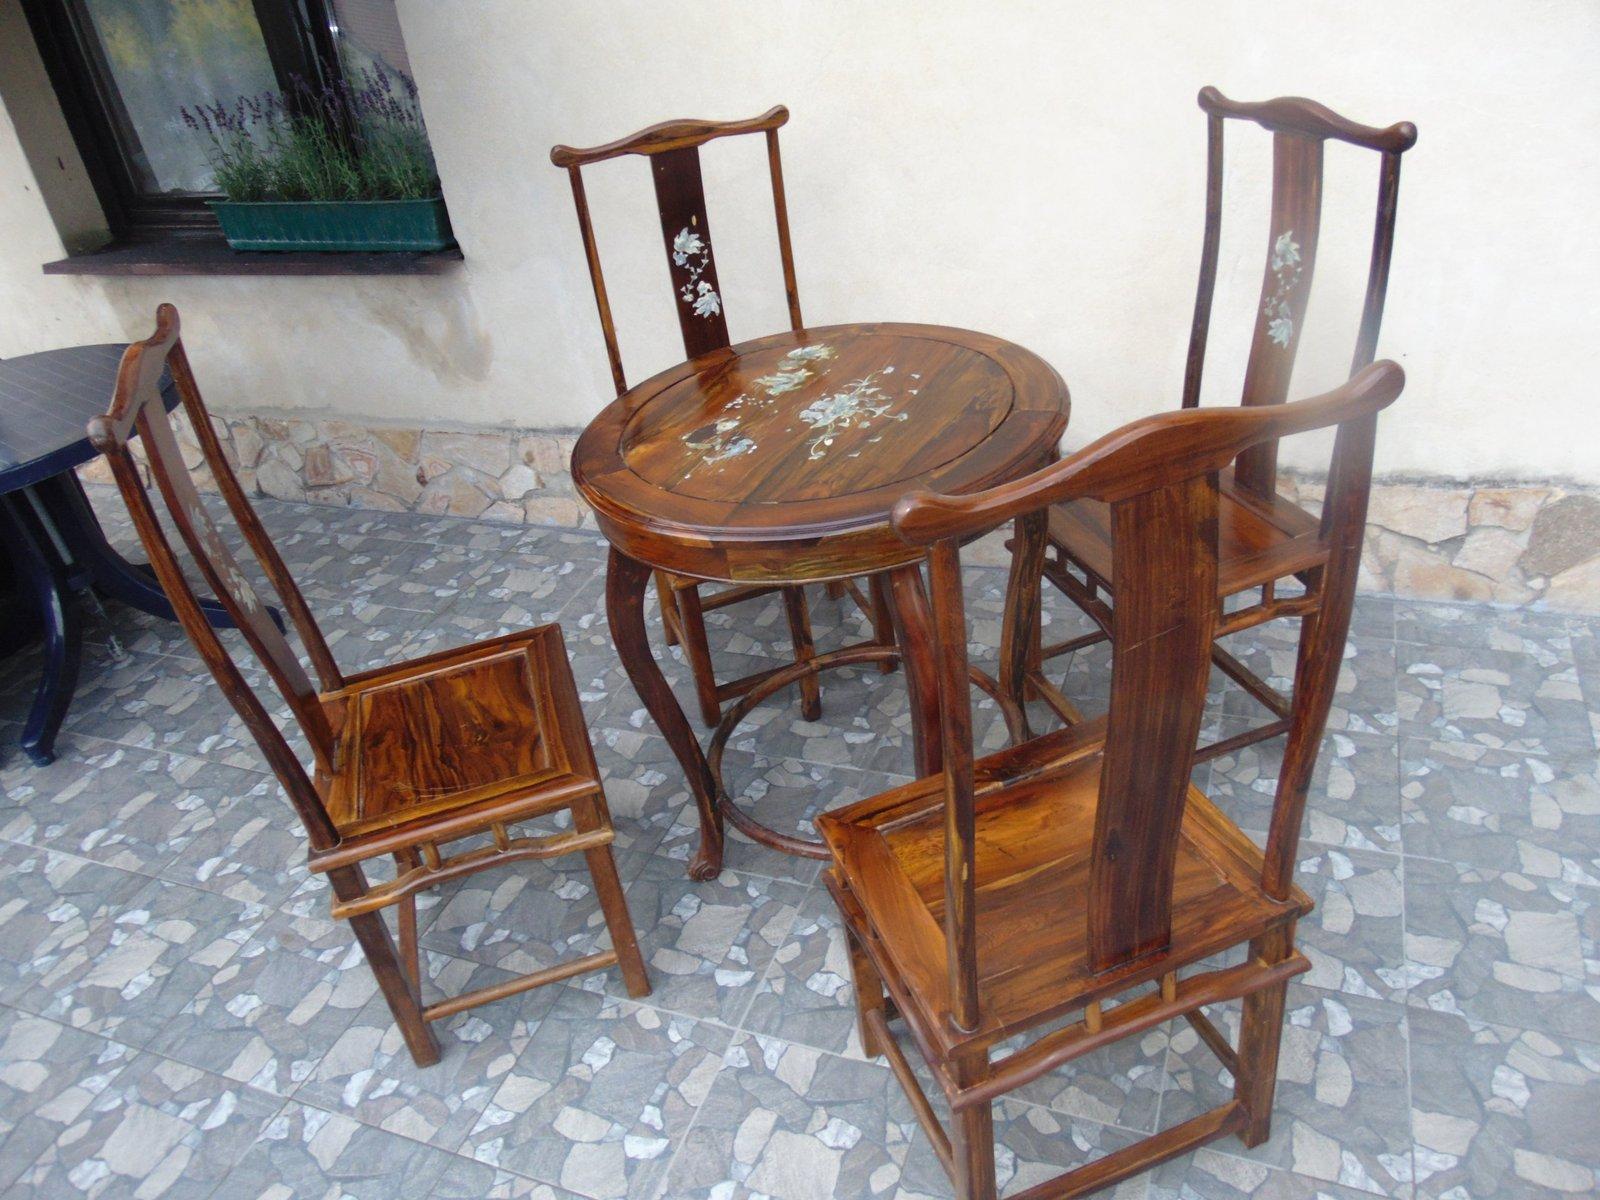 Vintage Couchtisch & 4 Stühle